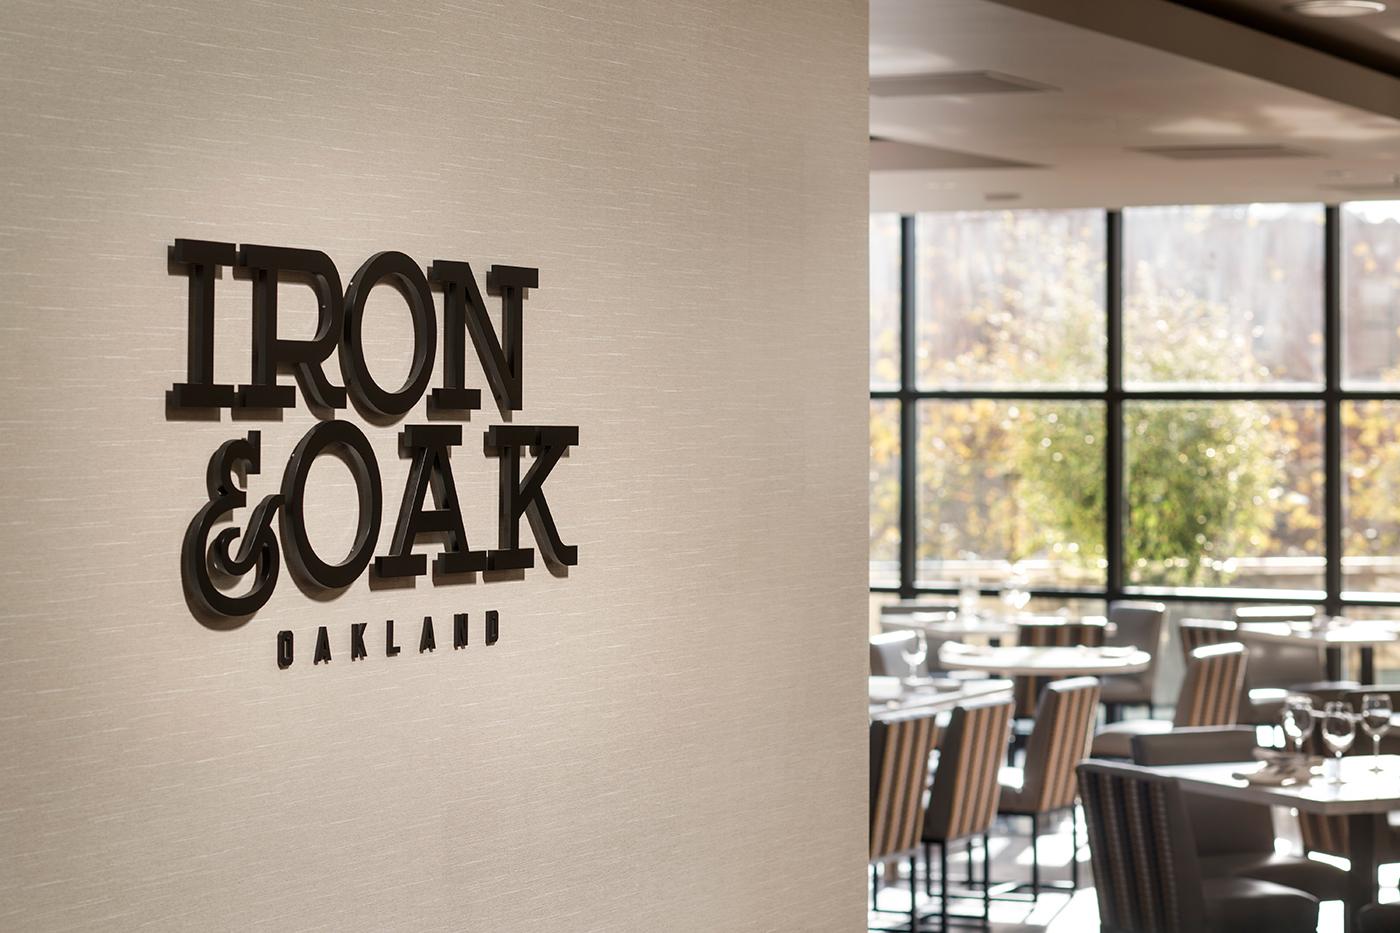 Iron-&-Oak-signage--w1.jpg